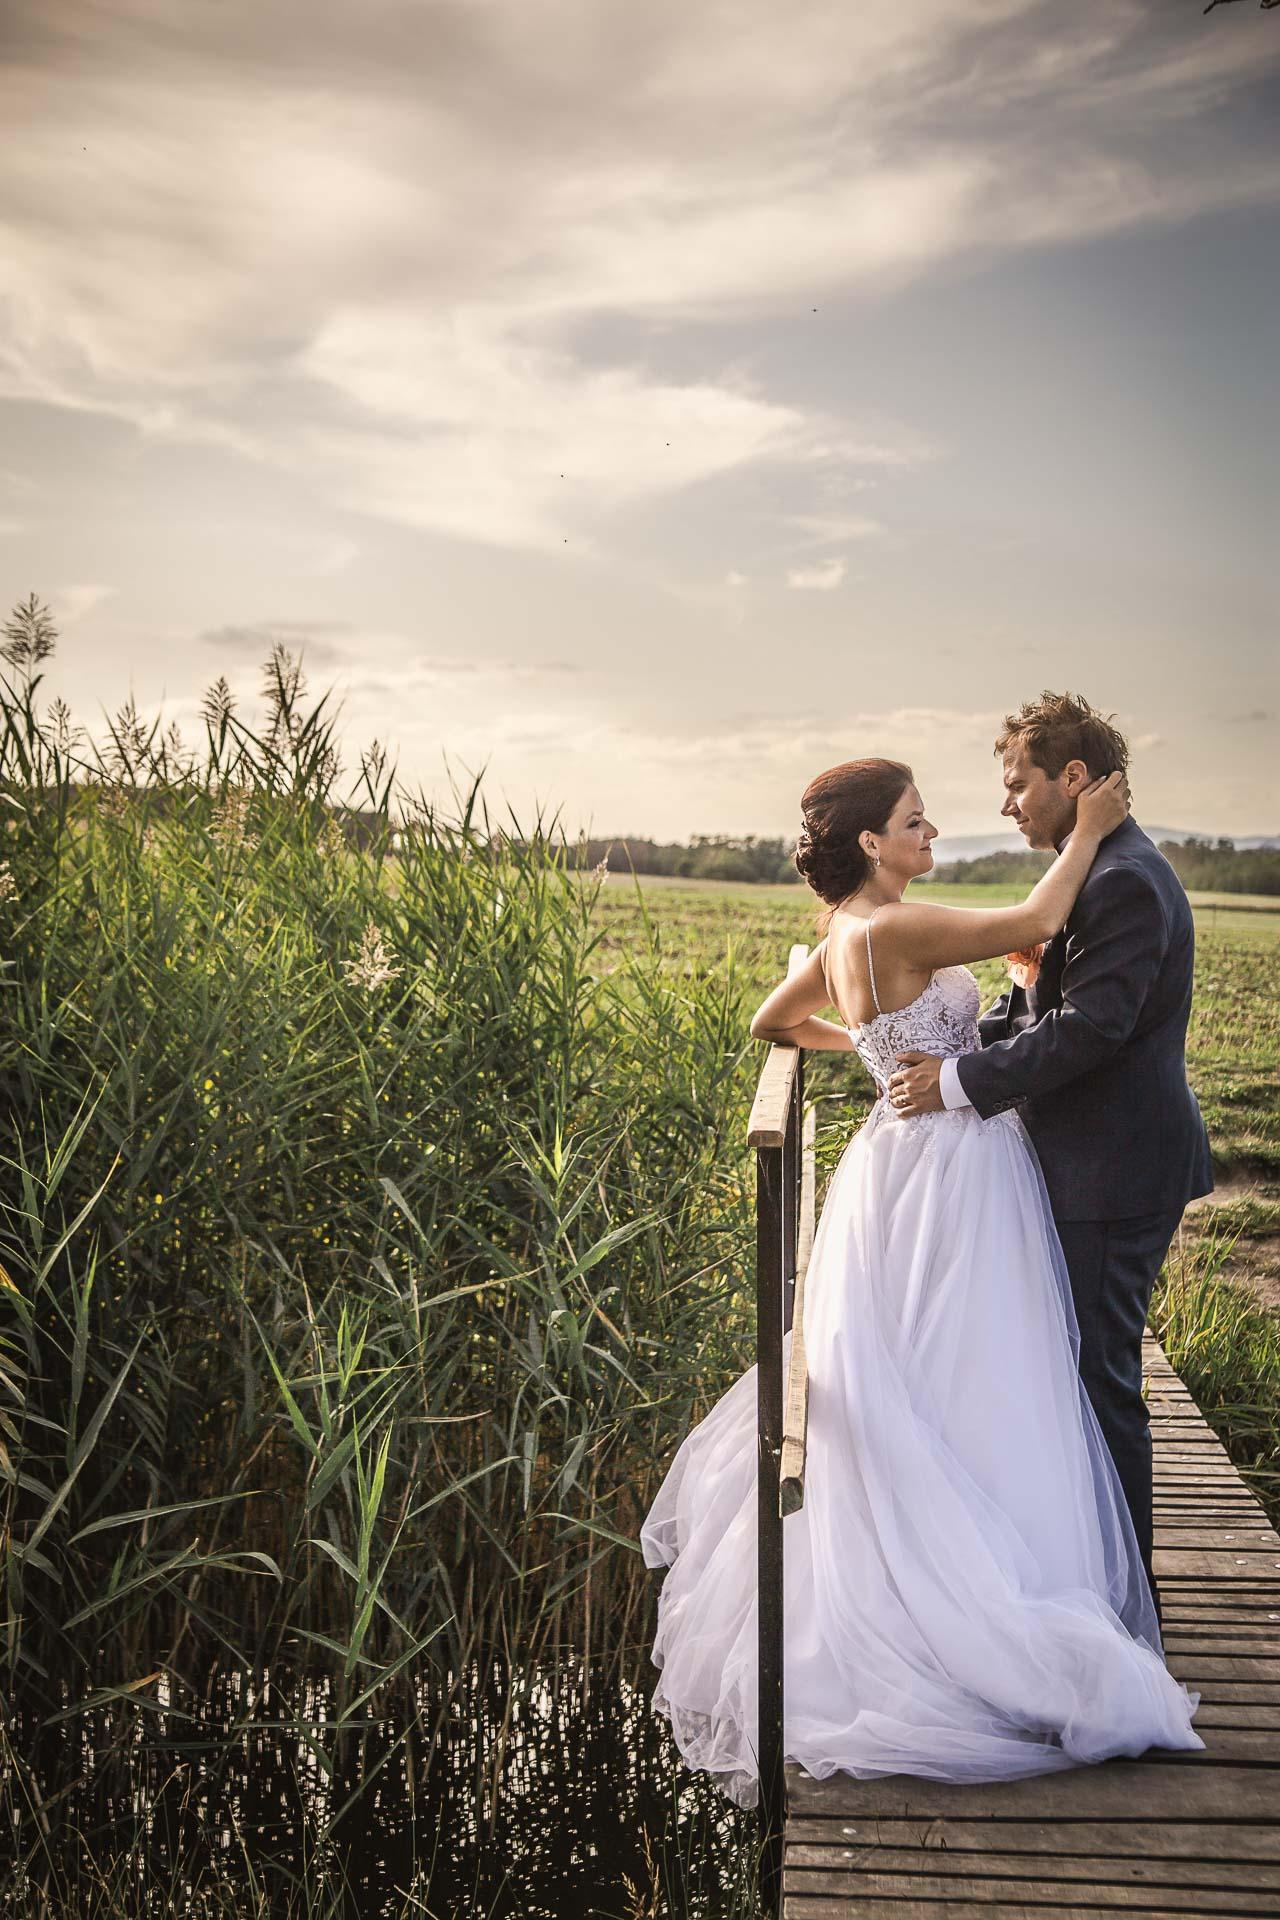 svatební-fotografie-Říp-svatební-video-ŘÍP-svatební-fotograf-ŘÍP-svatba-Mělník-svatba-Neratovice-fotograf-na-savtbu-kameraman-na-svatbu-376